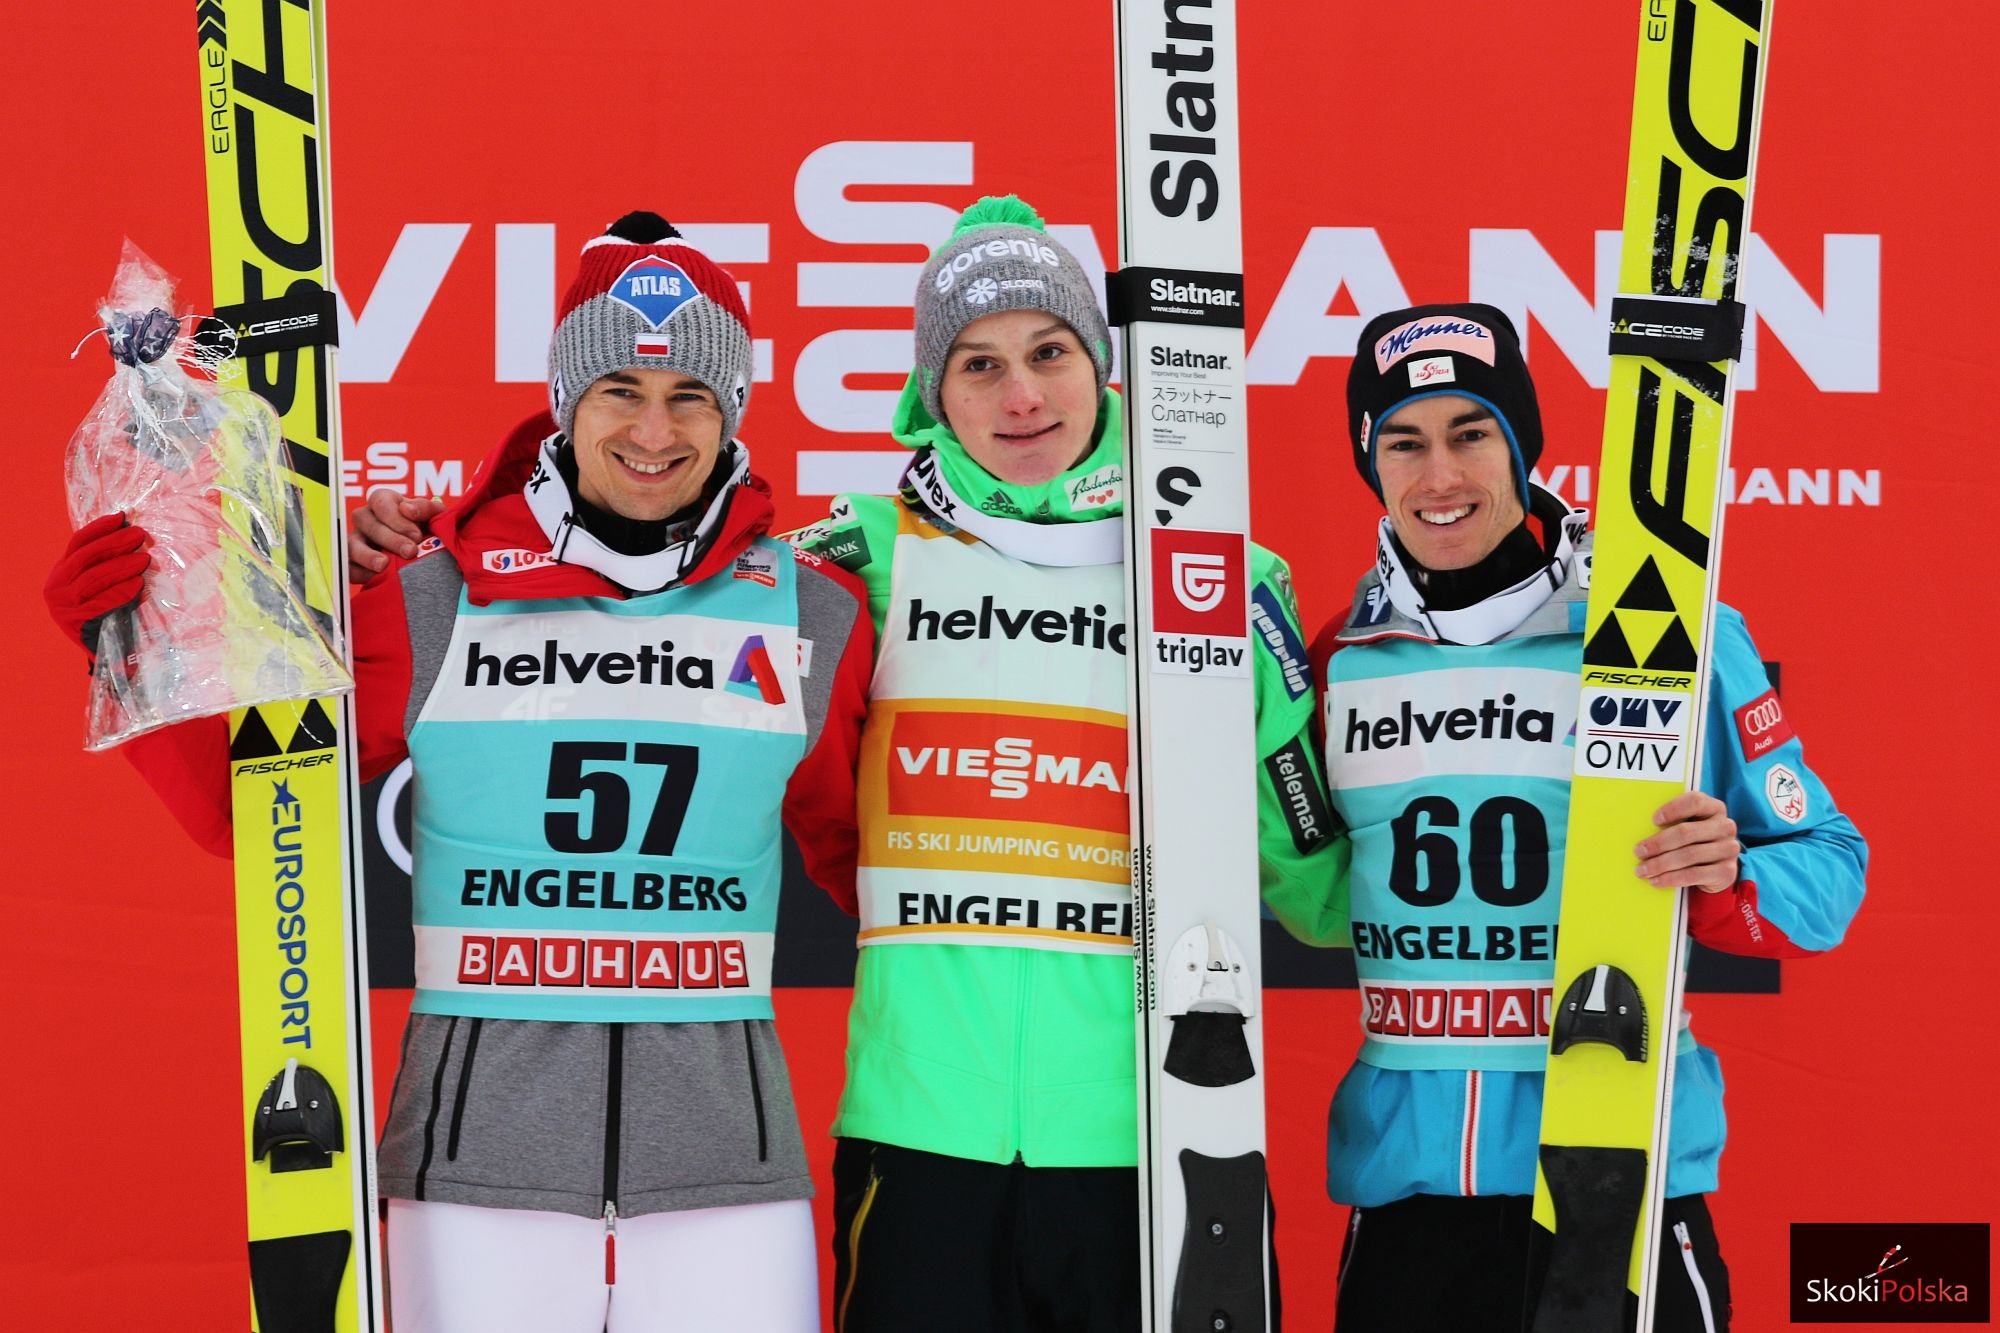 Stoch Prevc Kraft - PŚ Engelberg: Festiwal rekordów, zwycięstwo Prevca, podium Stocha!